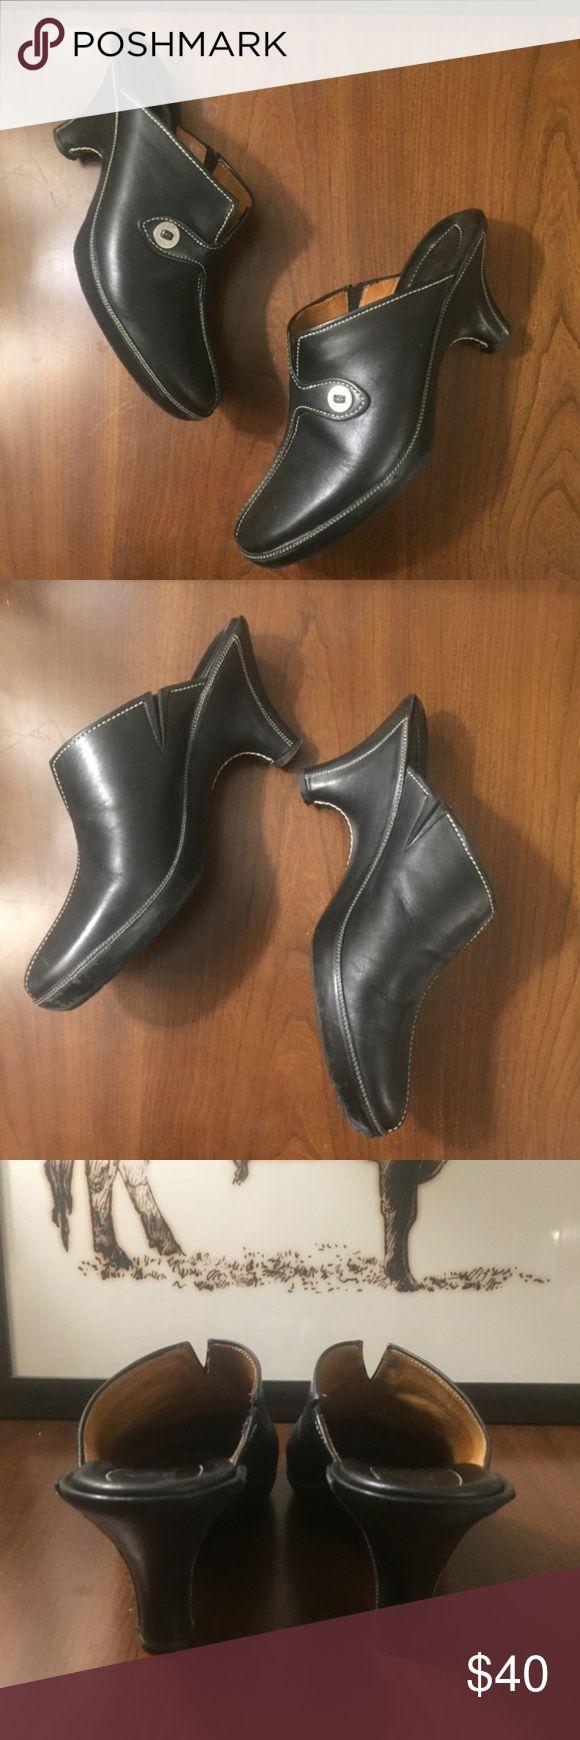 """Cole Haan Black Mule Clog Slide Platform Heel Pump Cole Haan Black Mule Clog Slide Platform Heel Pump  Excellent condition women's Cole Haan Clog. Stitch design. Size 7.5  - 3 3/4"""" heel Cole Haan Shoes Heels"""